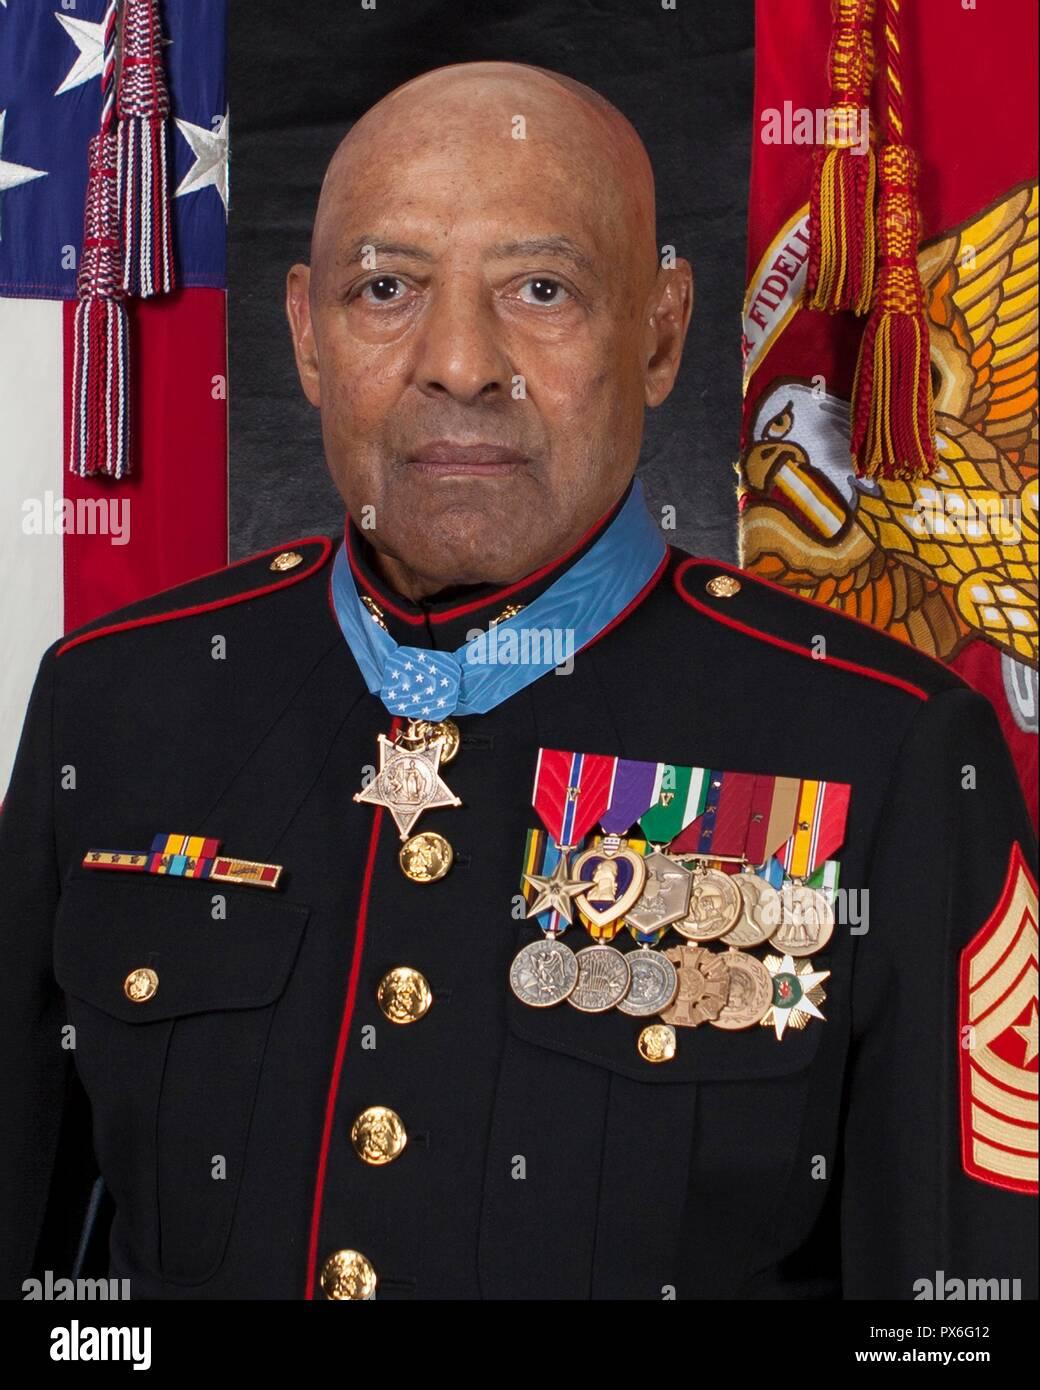 Medalla de Honor se jubiló el sargento de Marina de los EE.UU. Gral. John Canley posa con la medalla por su retrato oficial en el Pentágono el 18 de octubre de 2018, en Washington, DC. Canley recibió el más alto honor para acciones unidas durante la batalla de Hue en la guerra de Vietnam. Foto de stock